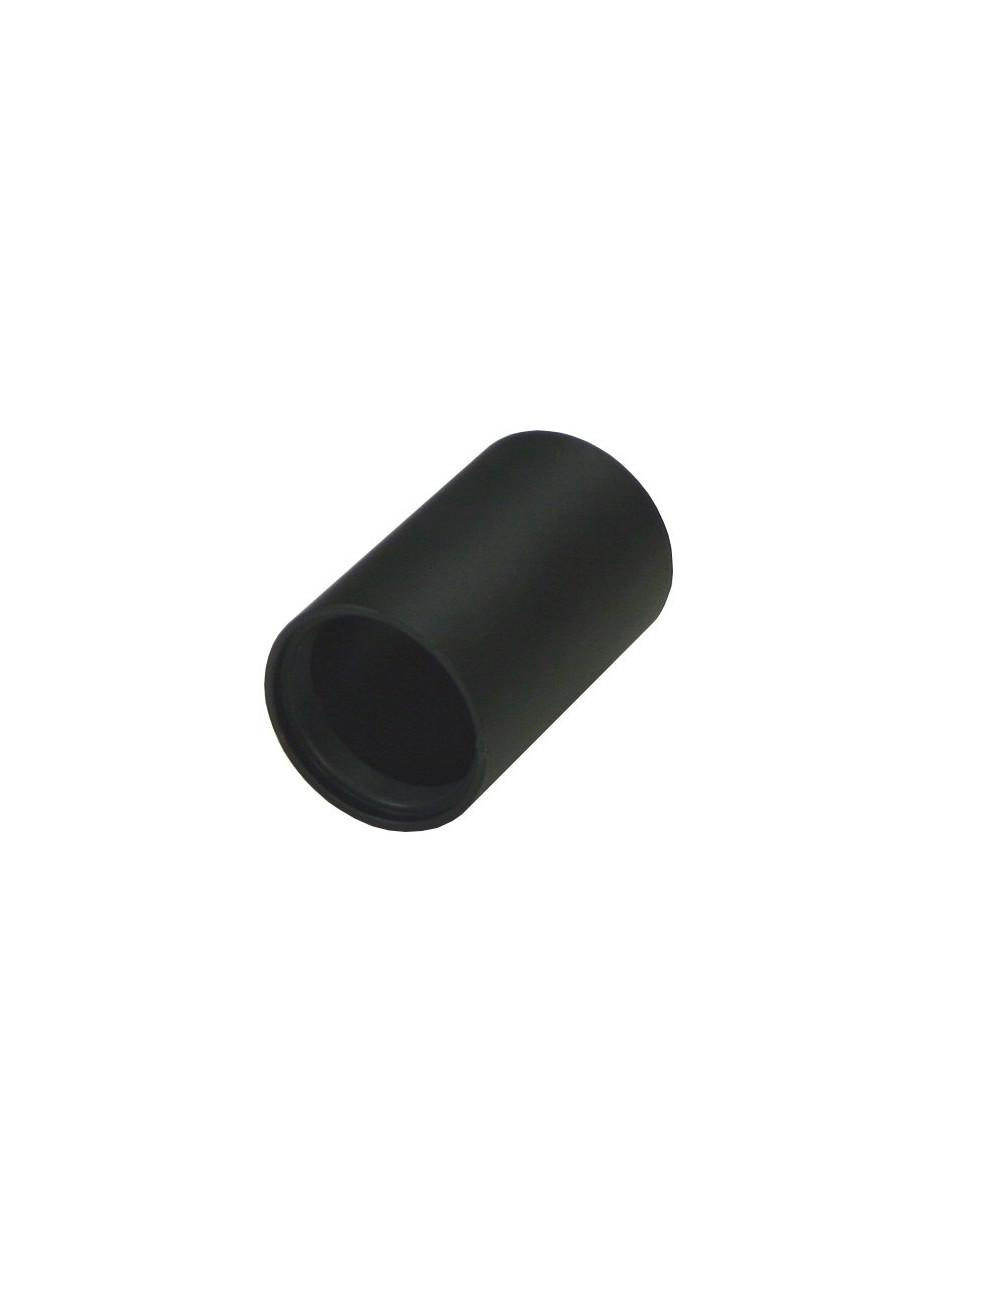 Adaptateur pour filtre bloquant 31.75/50.8 Lunt